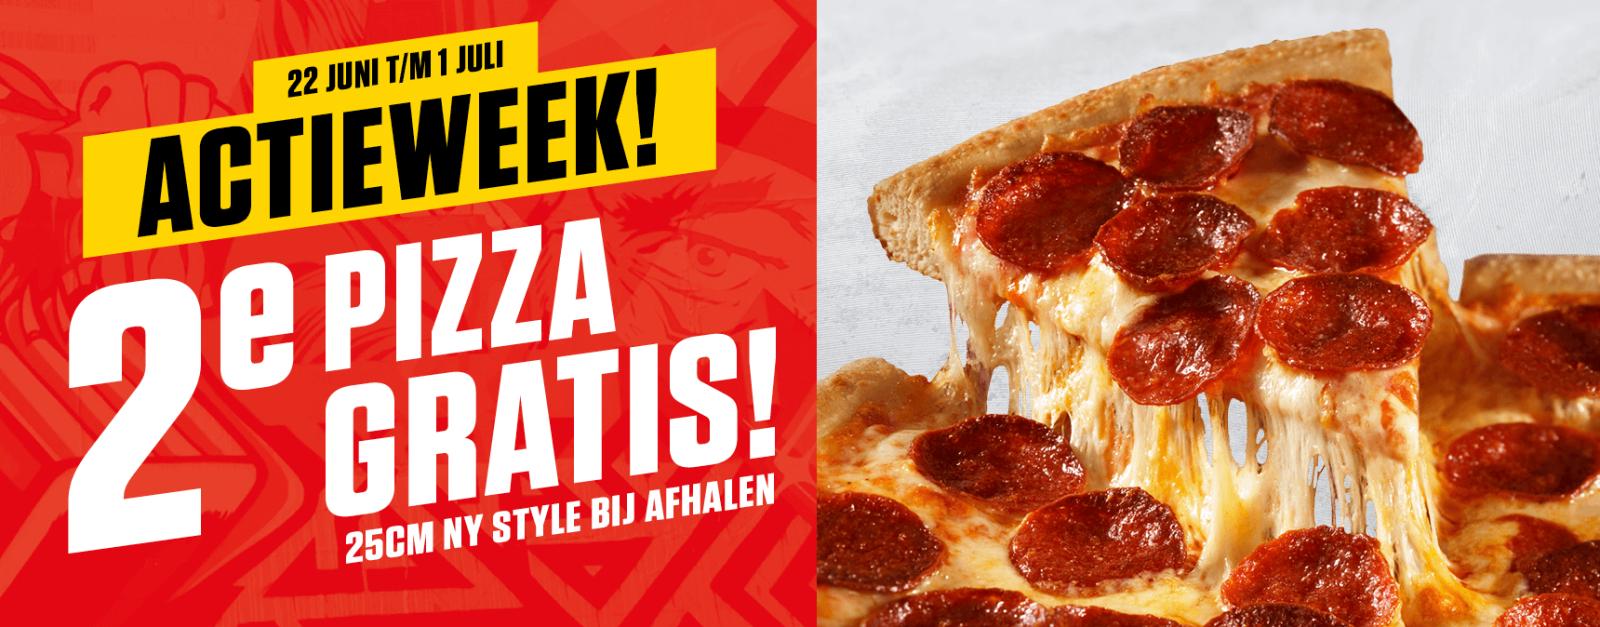 Actieweek: 2e Pizza gratis bij afhalen @ New York Pizza